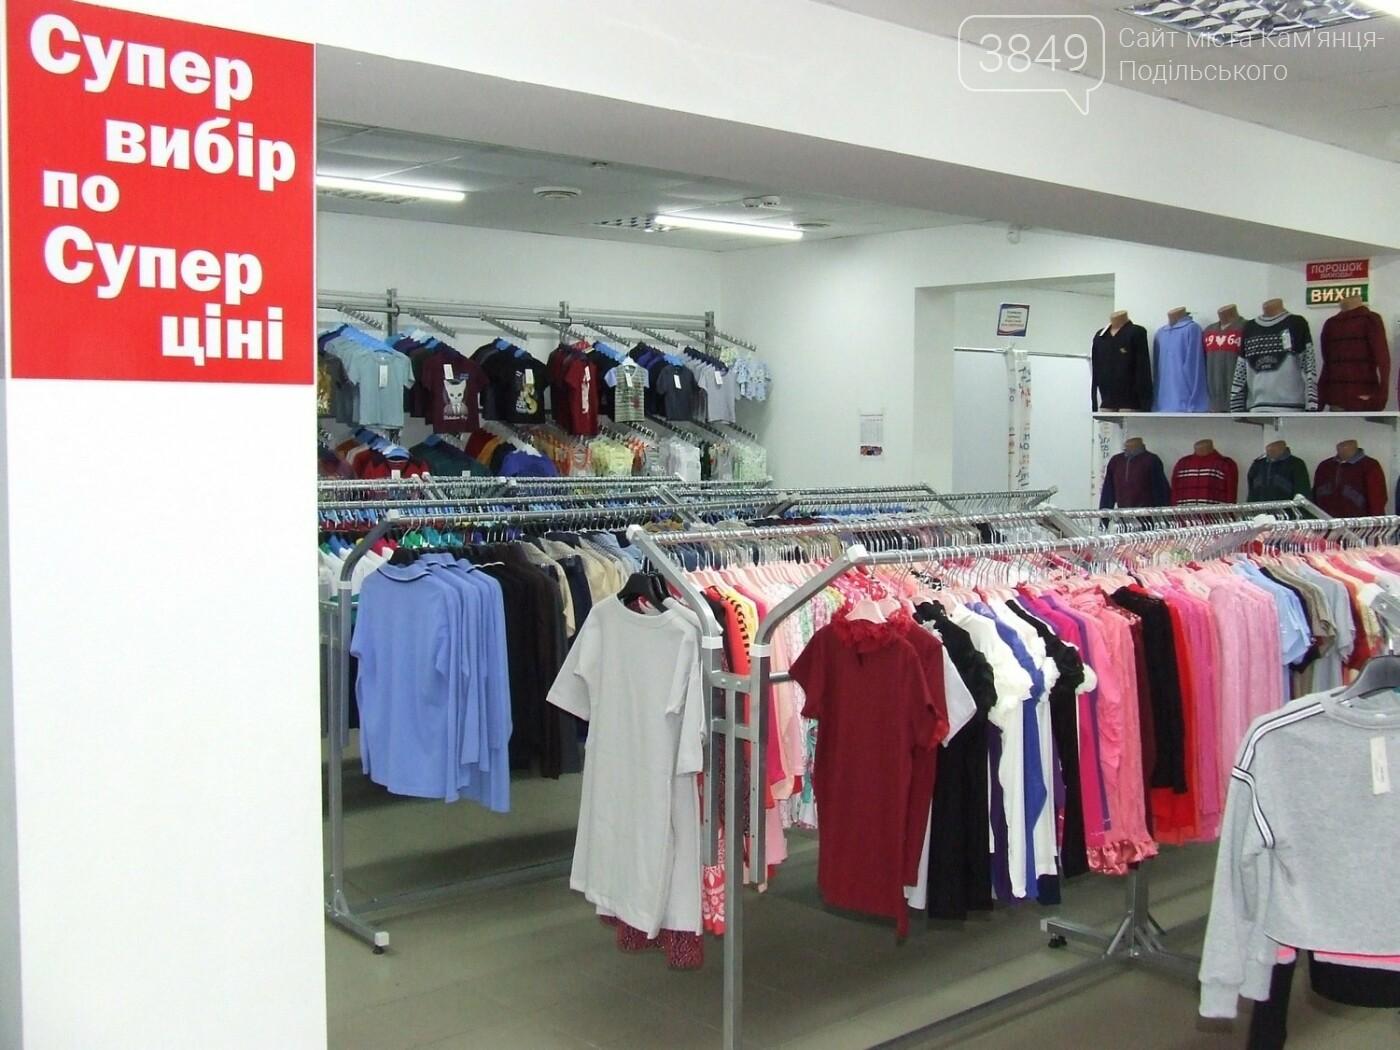 """Одяг для усієї родини у новому магазині """"SUPERЦІНА"""" у Кам'янці-Подільському, фото-18"""